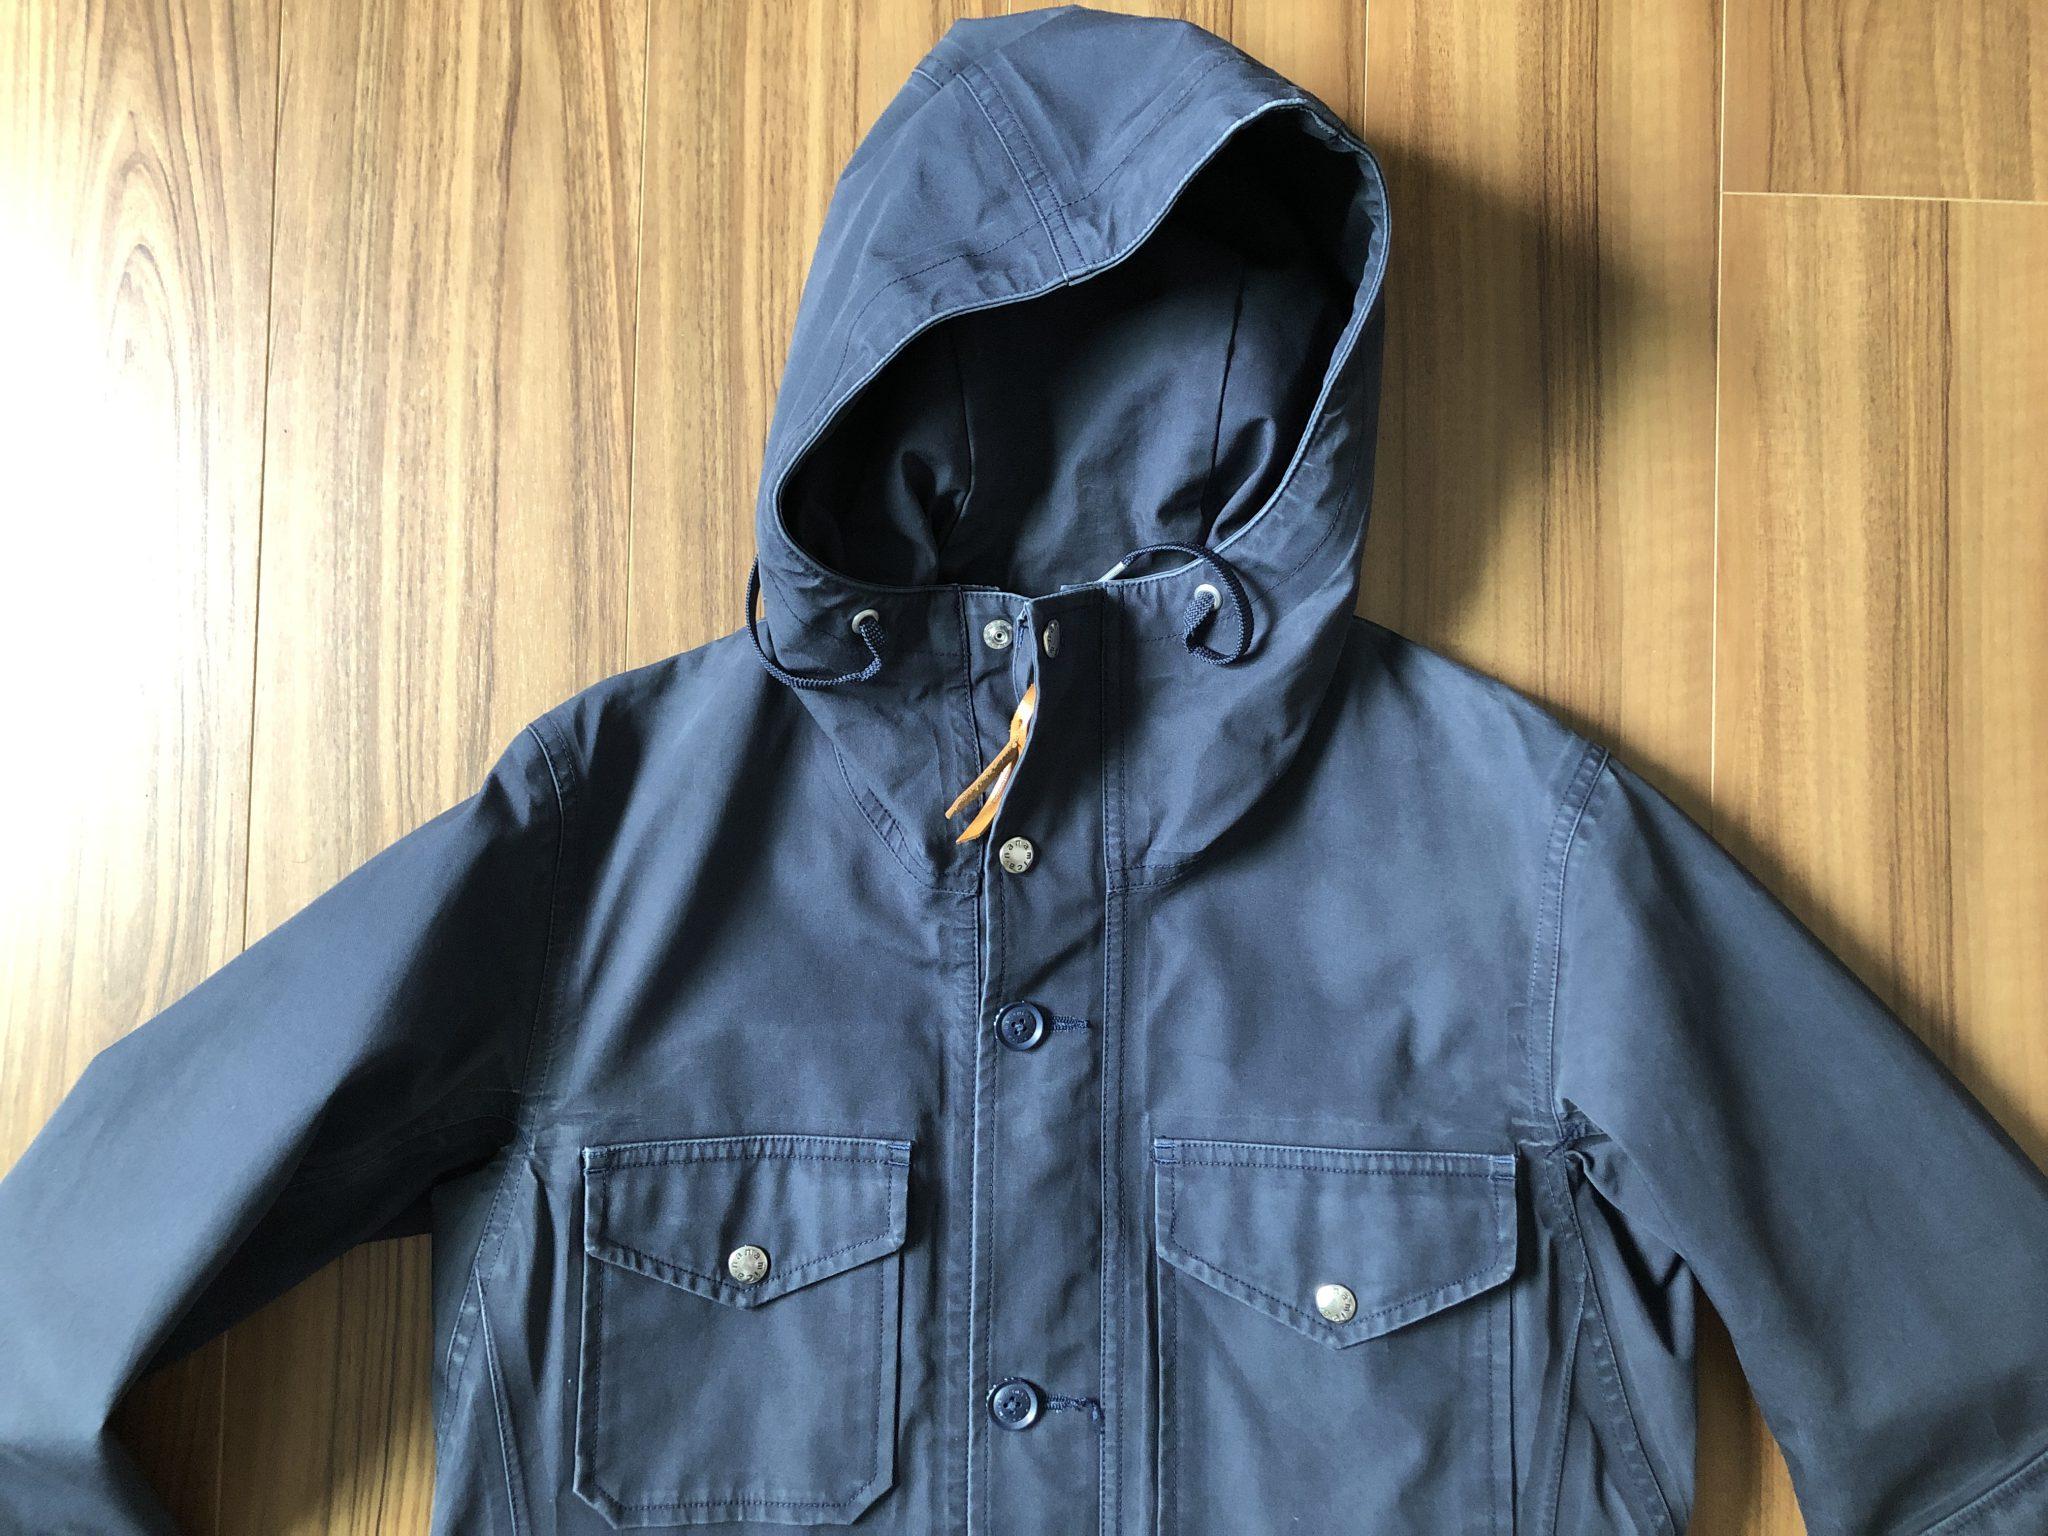 ナナミカ コットンゴアテックス nanamica GORE-TEX クルーザージャケット エイジング 経年変化 2年半 胸元